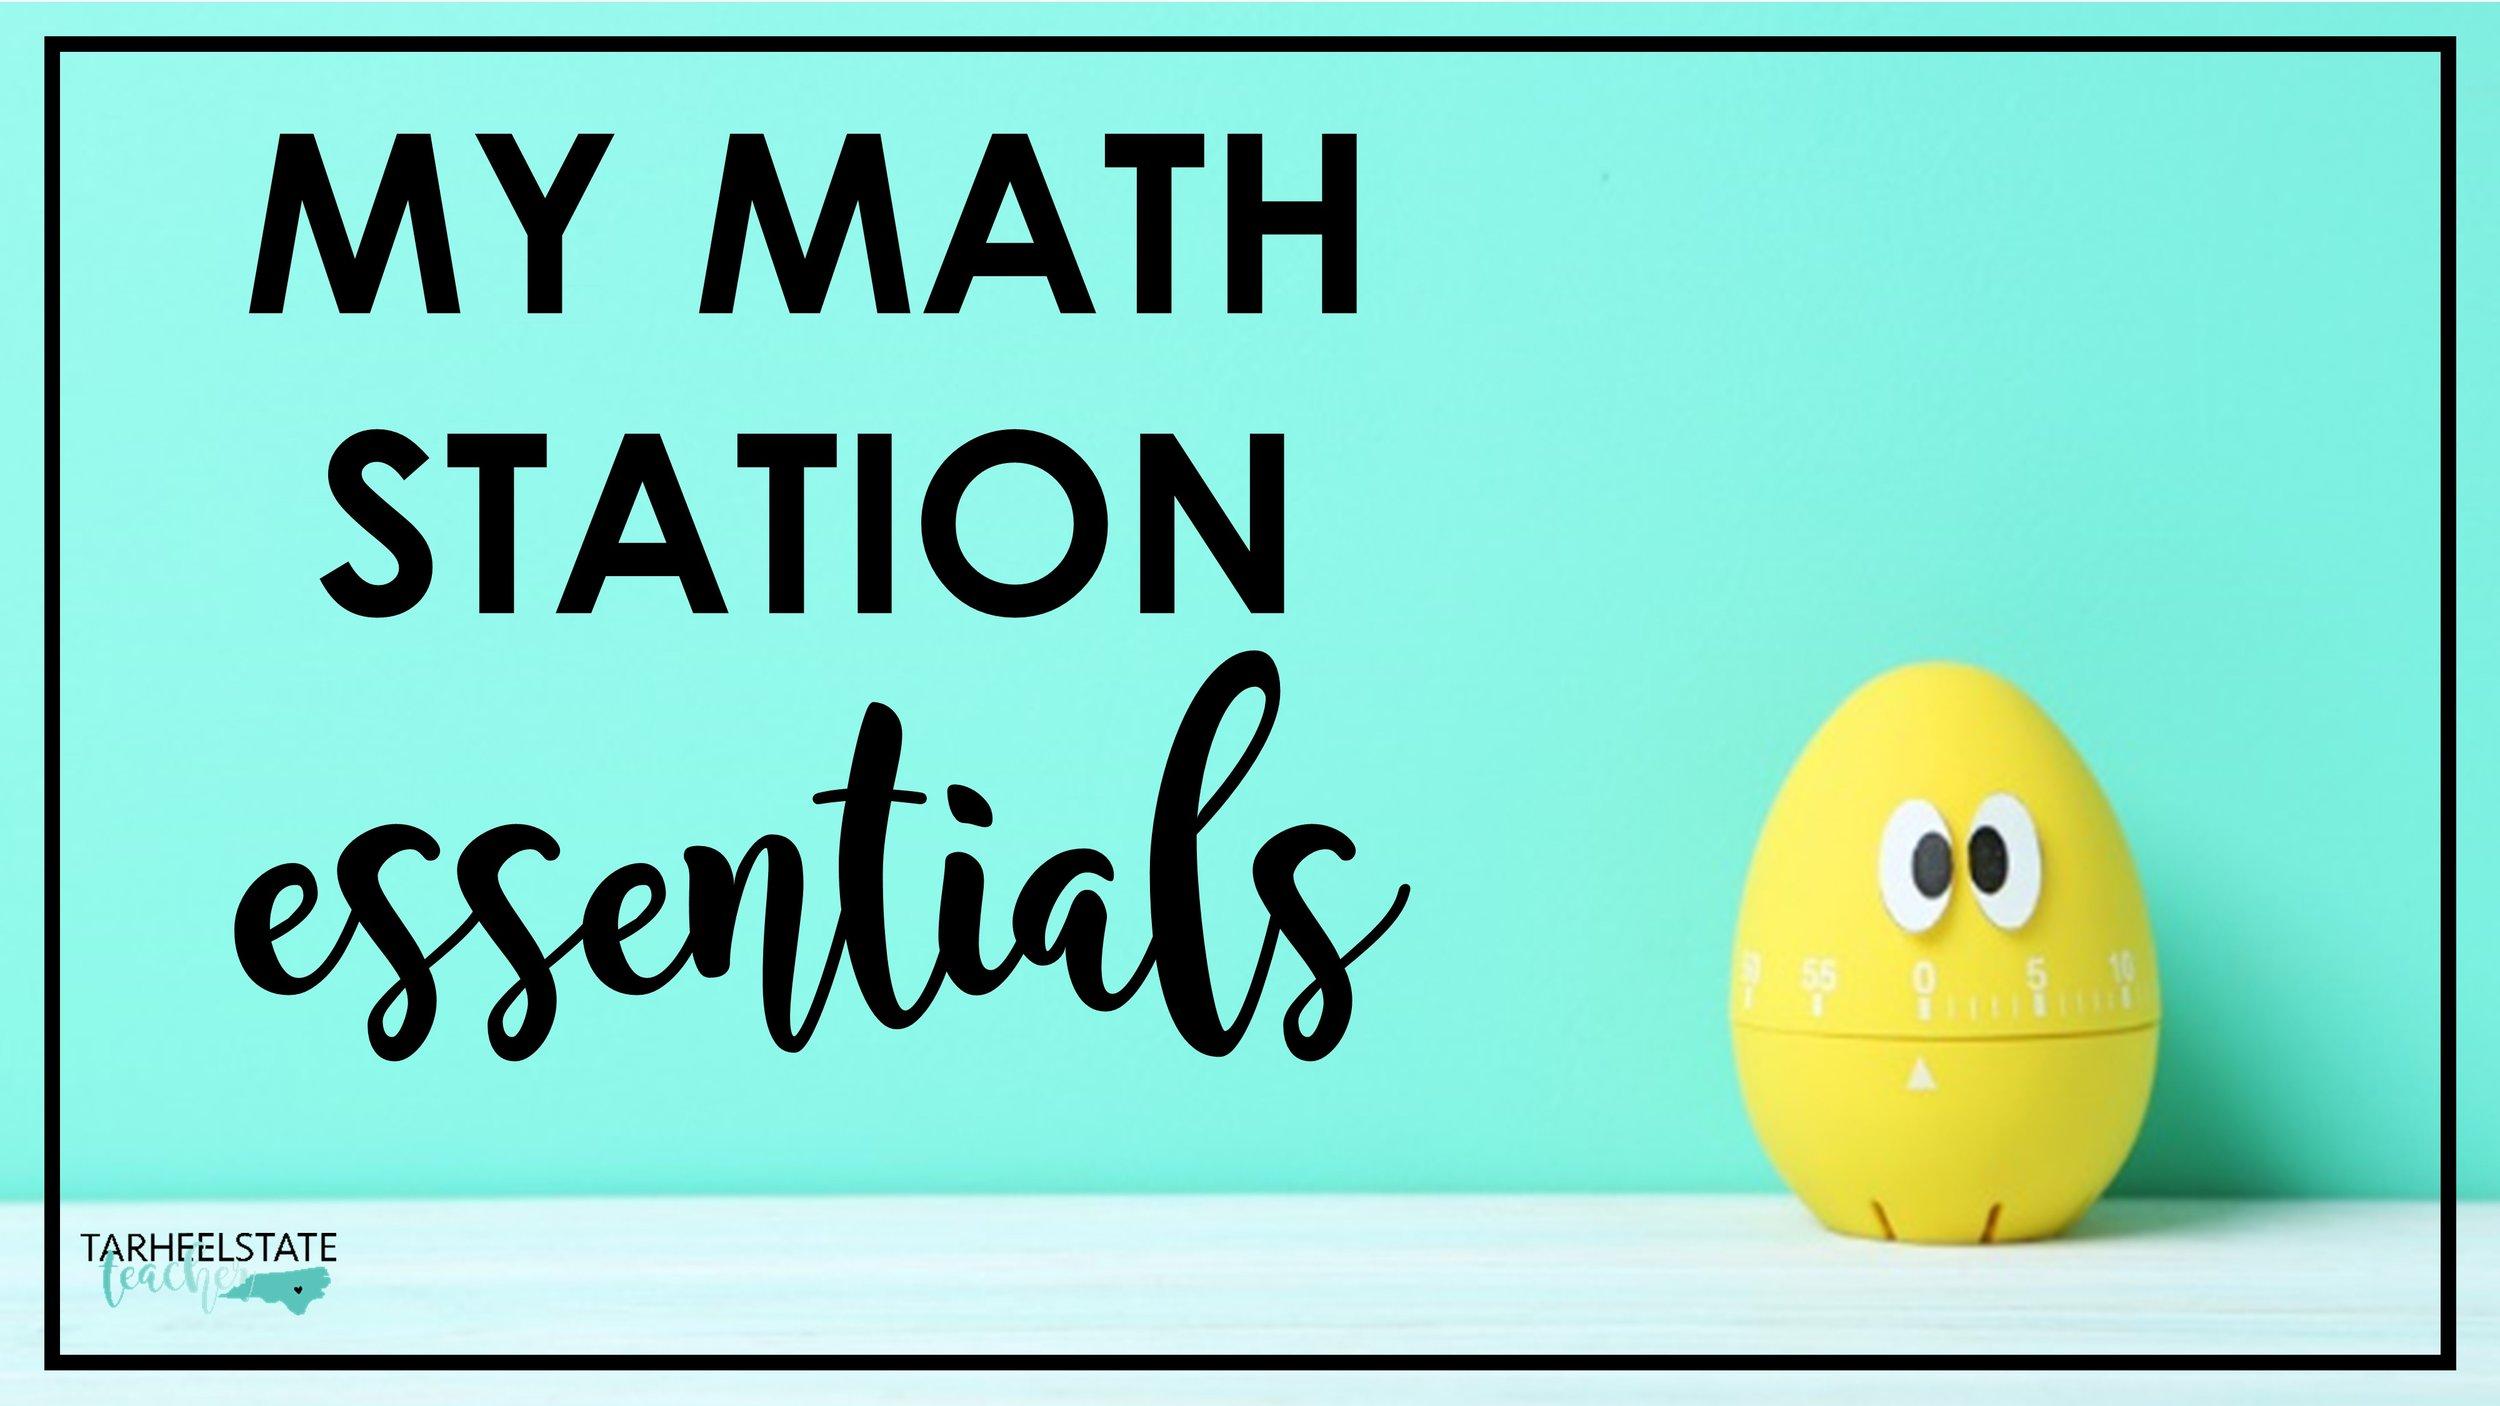 My math station essentials.JPG